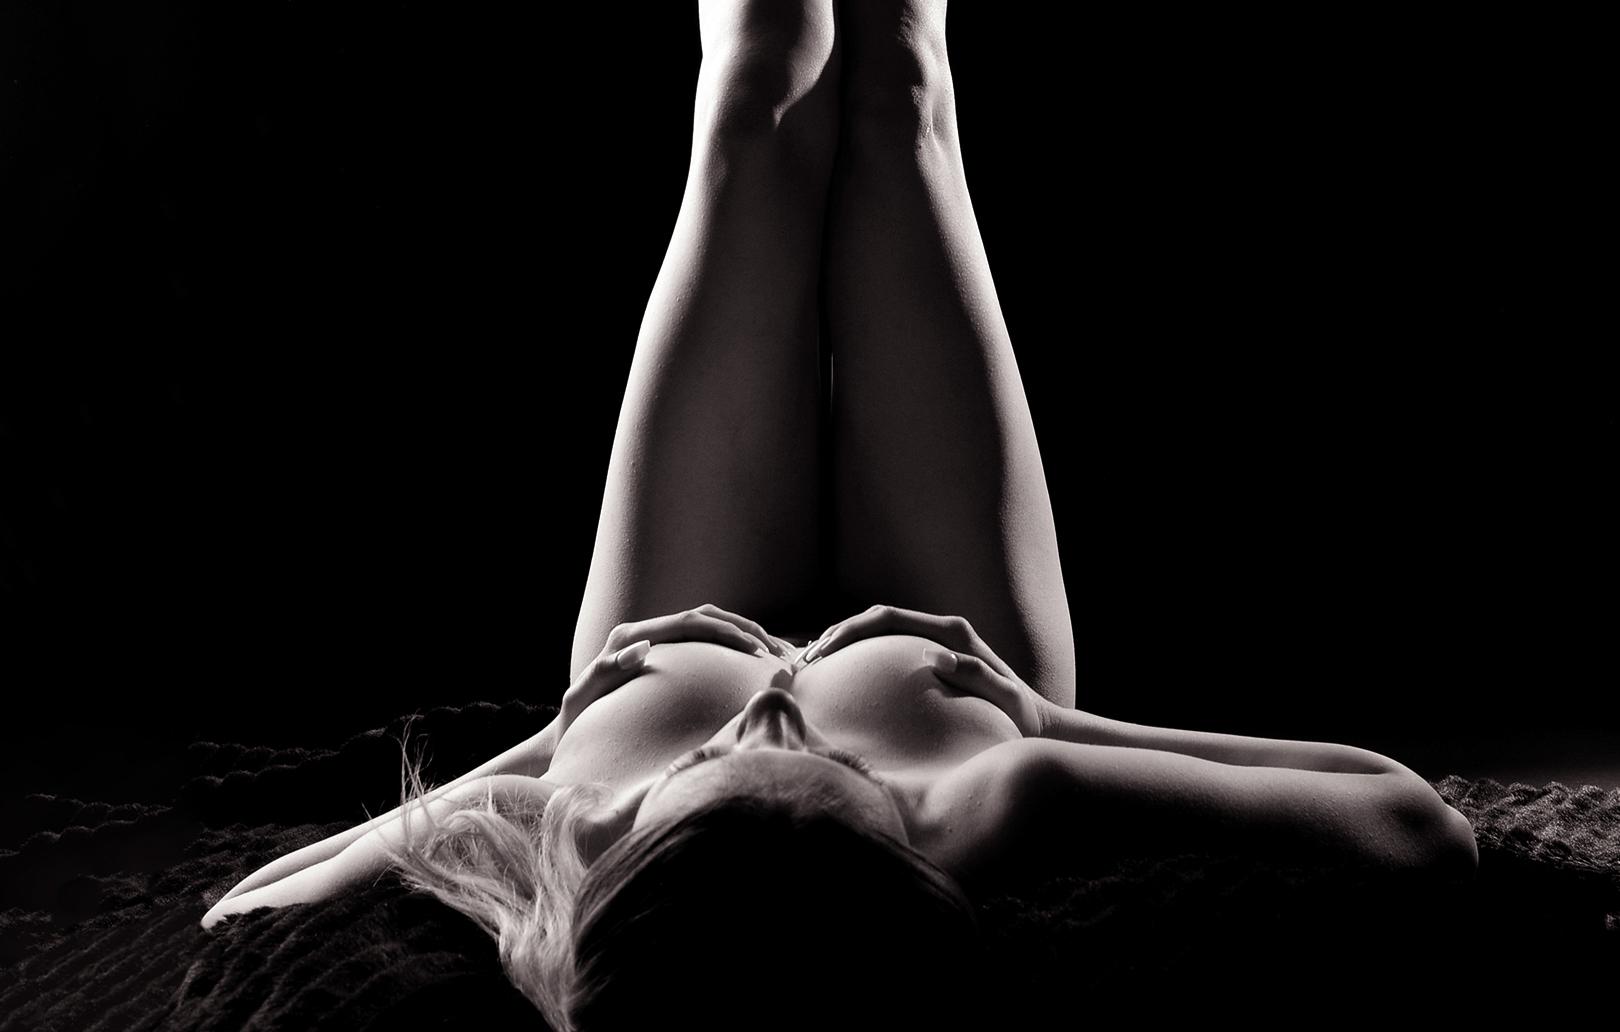 erotisches-fotoshooting-koblenz-bg41610470882